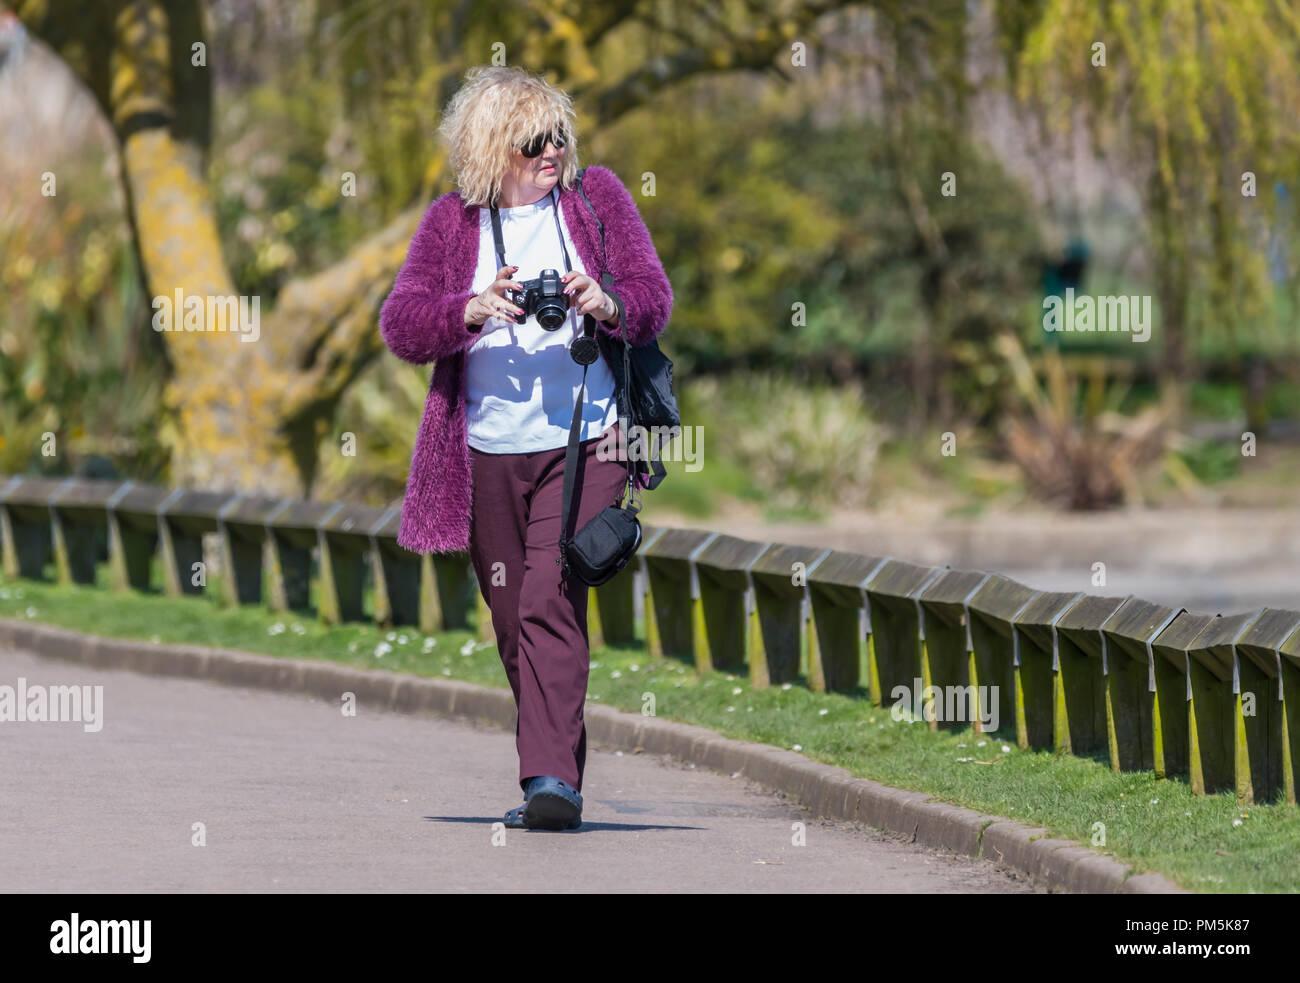 Femme d'âge moyen en se promenant dans un parc avec un appareil photo à la recherche de choses à photographier. Photo Stock